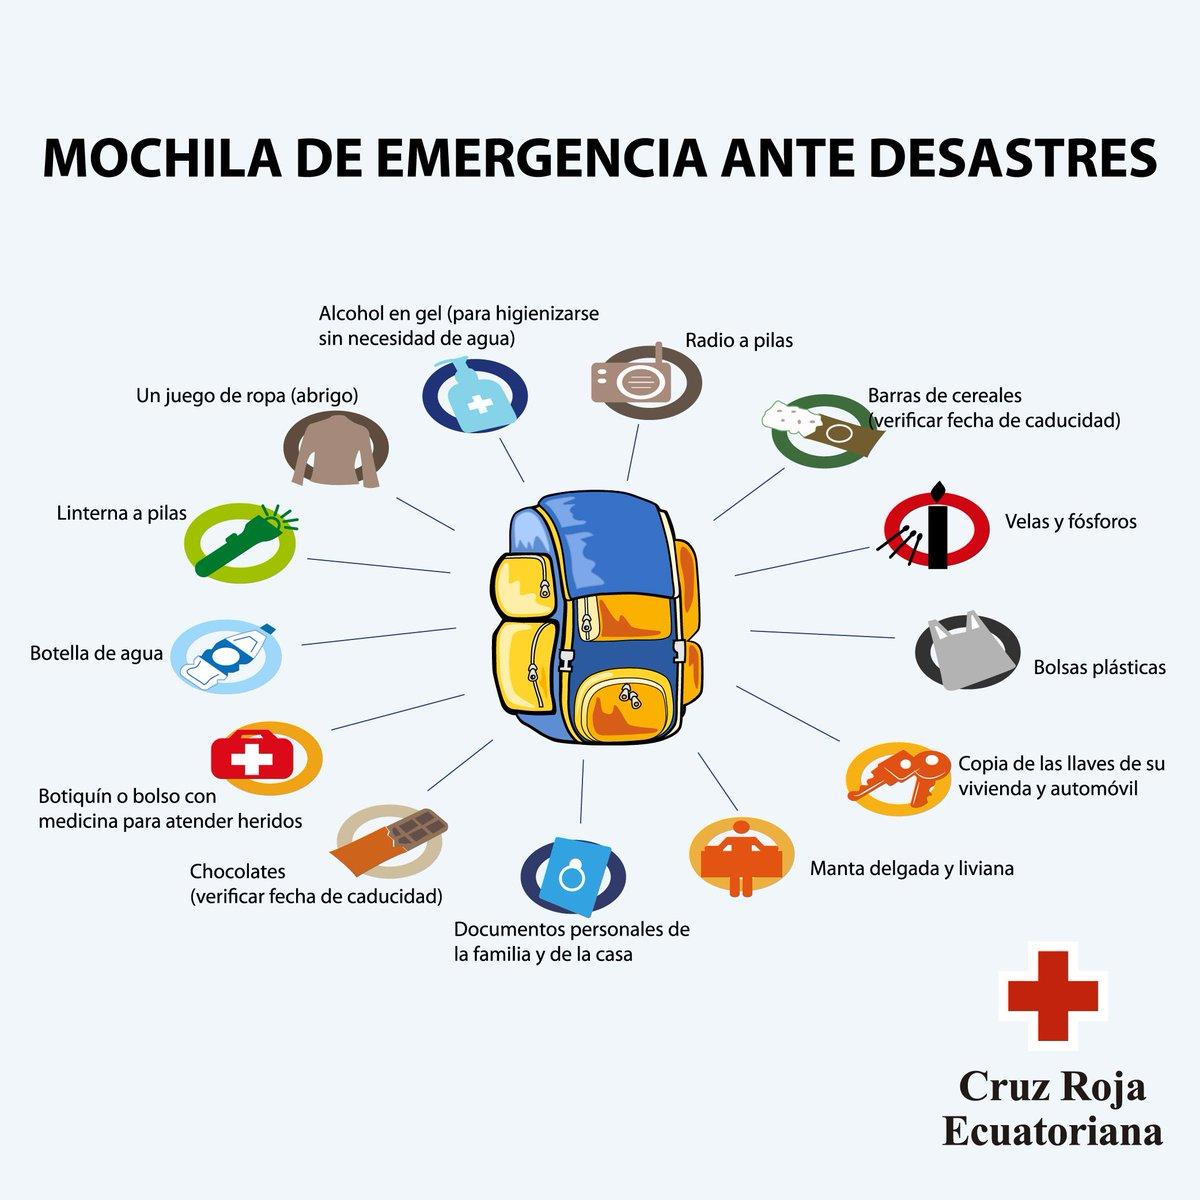 #Cotopaxi Conoce los implementos básicos que debe tener tu mochila de emergencia ante desastres. Dale RT #Importante http://t.co/rt3AGlYFaA